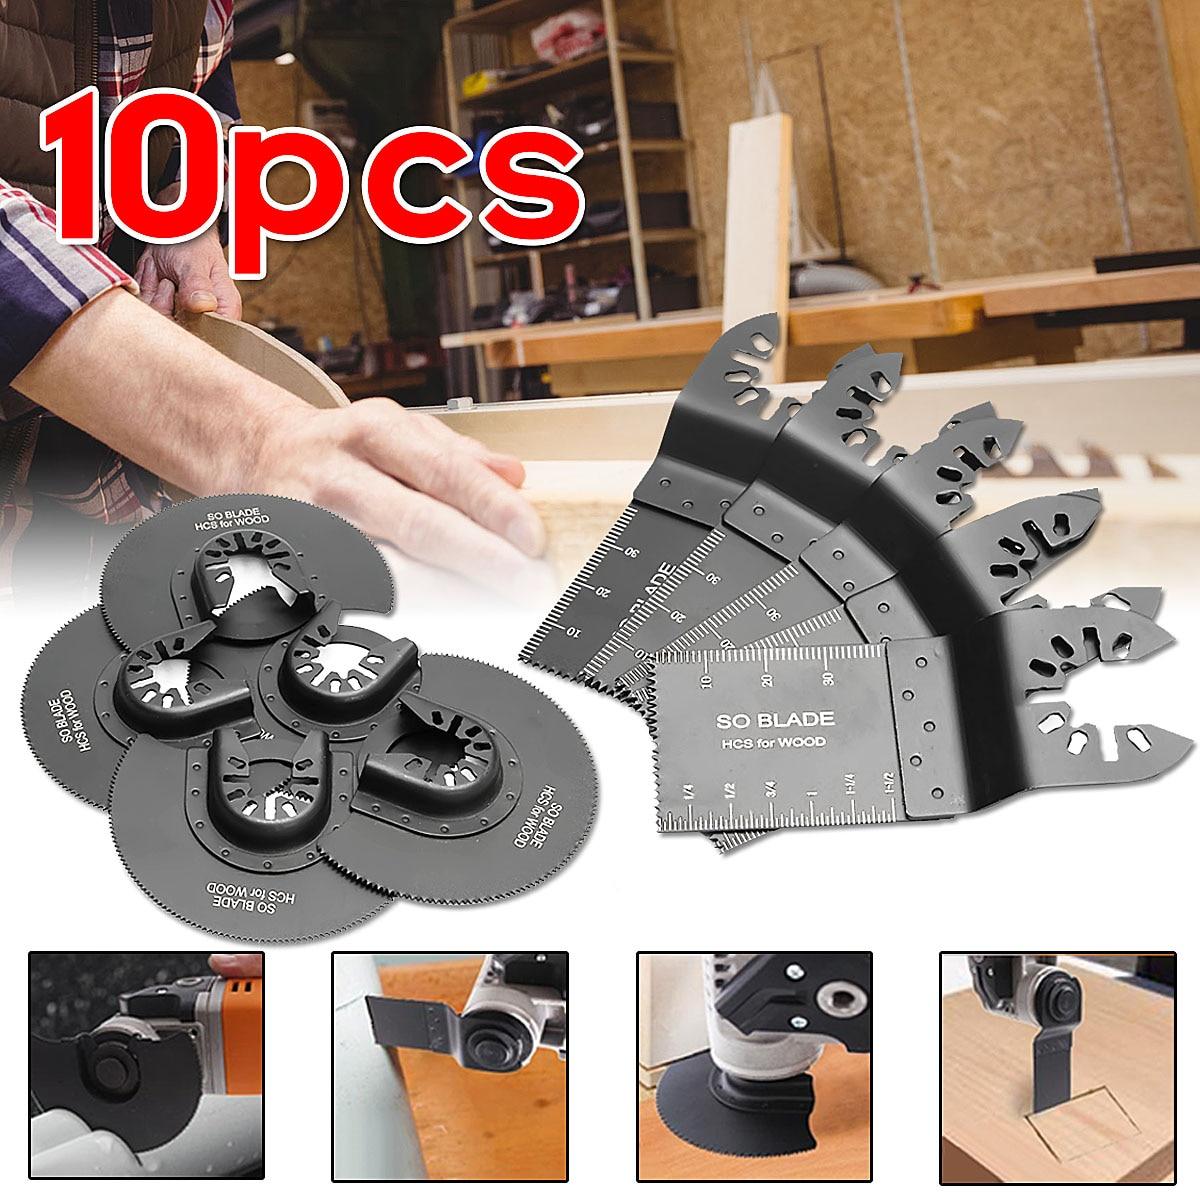 10 piezas multiherramienta hoja oscilante Multi herramienta hojas de sierra Circular para renovador para Fein Multimaster de corte de madera sierras